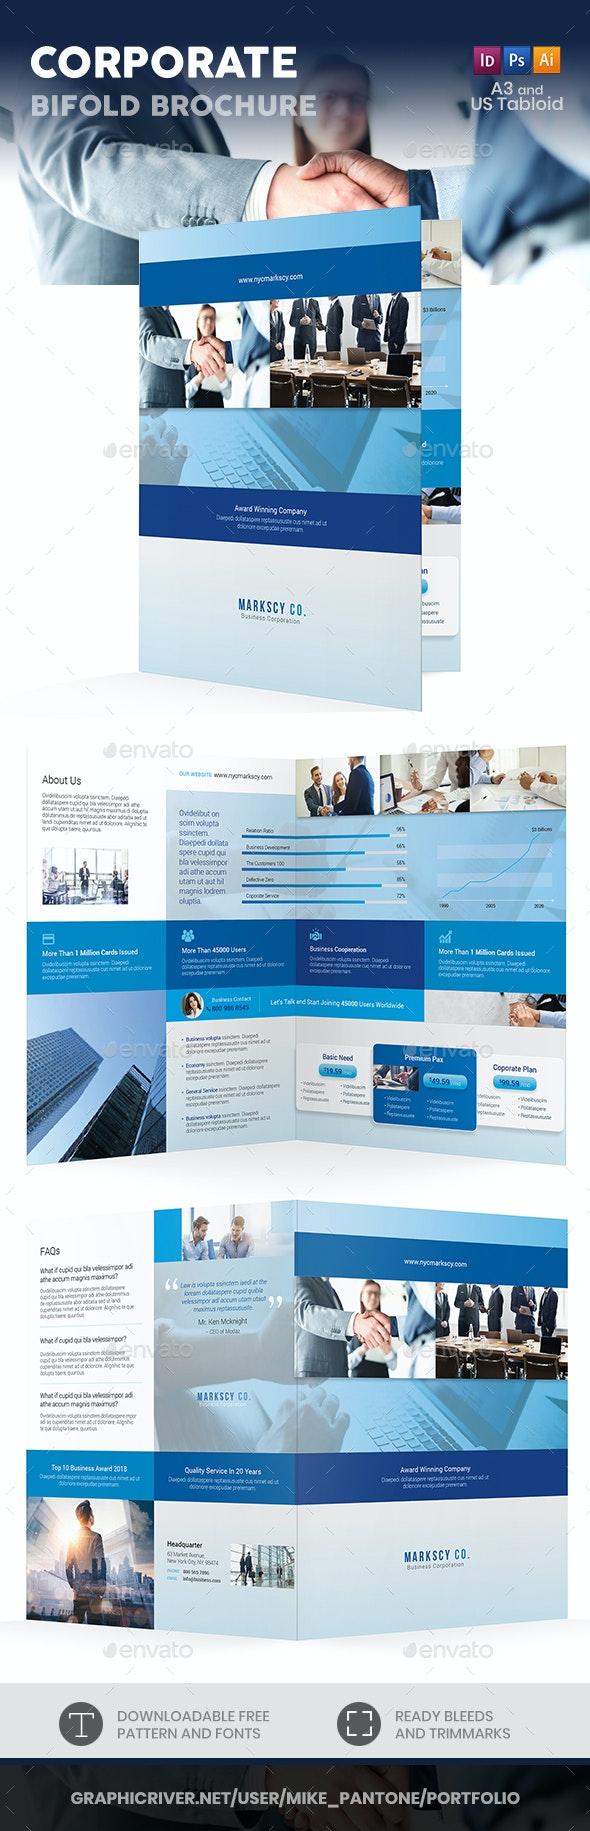 Corporate Bifold / Halffold Brochure 6 - Corporate Brochures